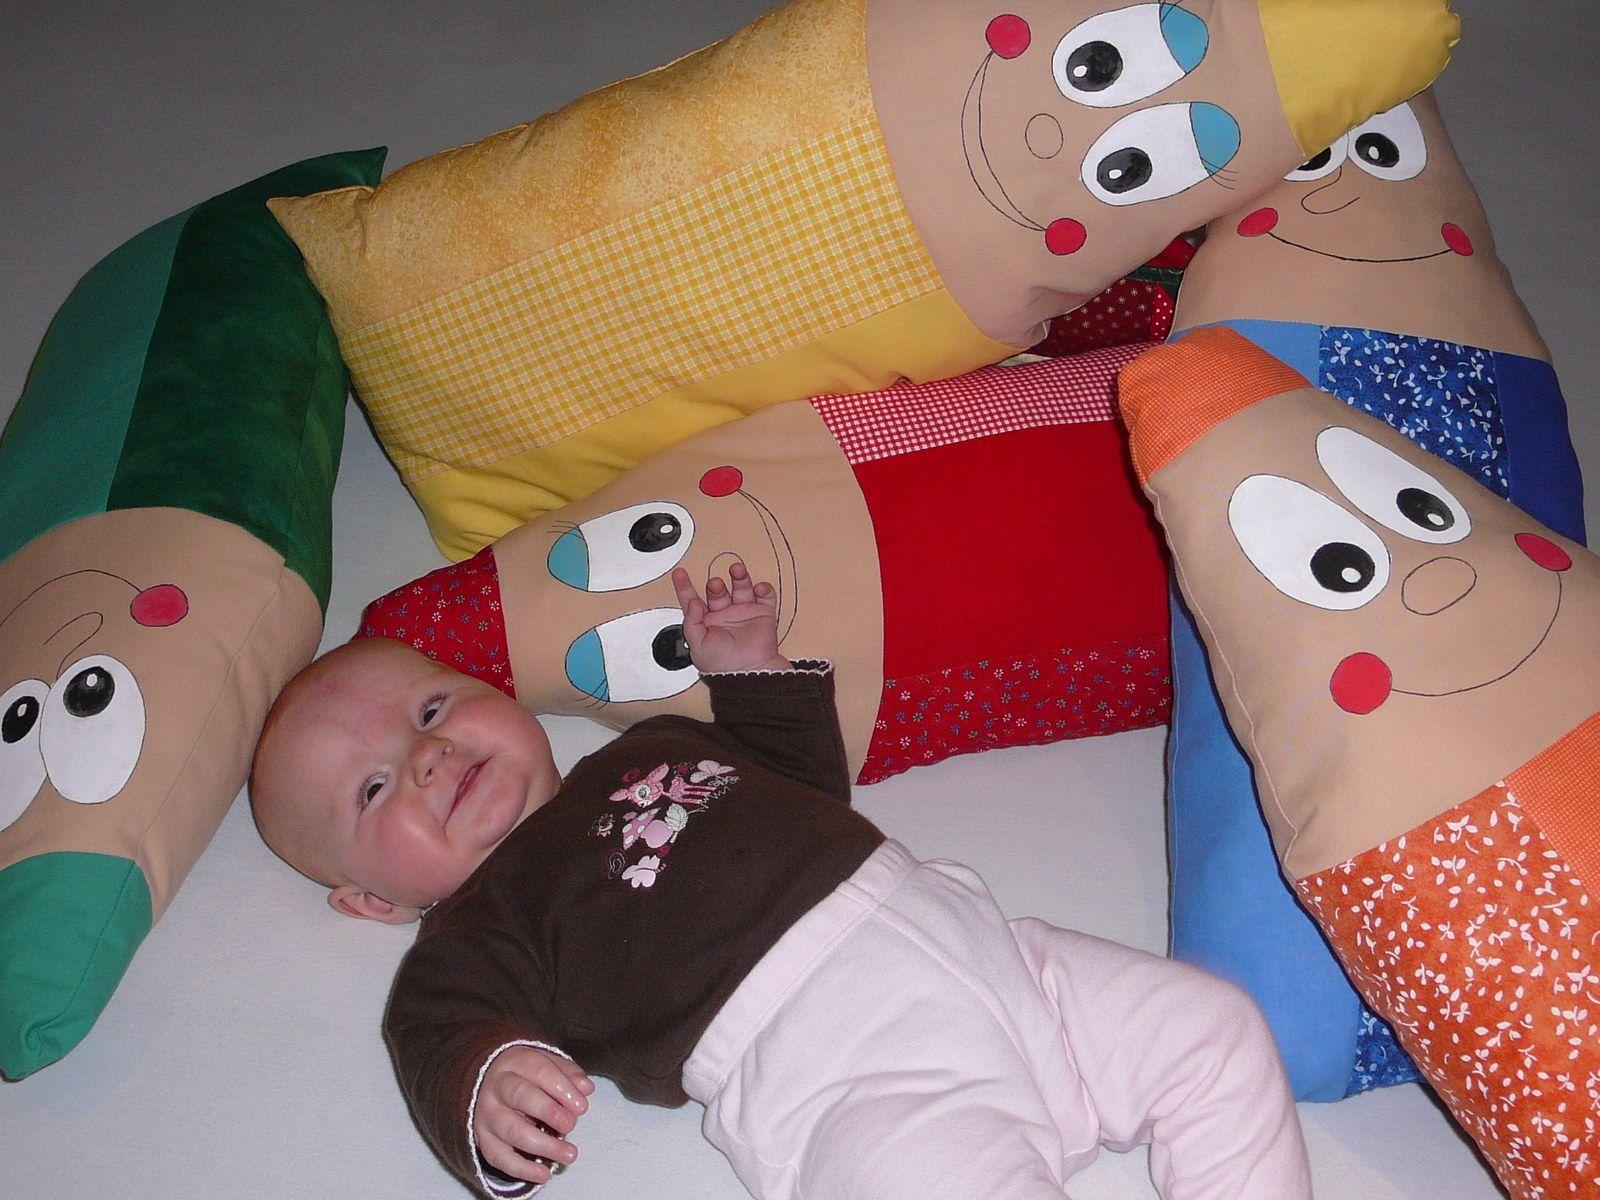 Barevné pastelky - červená Barevné polštářky nejen pro děti ve tvaru pastelky. Dětem mouhou sloužit také jako netradiční hračka.  Polštářky jsou ušity z českých a zahraničních bavlněných látek, vyplněny dutým vláknem. Obličej je namalovaný textilními barvami. Polštářky jsou pro vás připraveny v červené, žluté, oranžové, modré a zelené barvě. ...